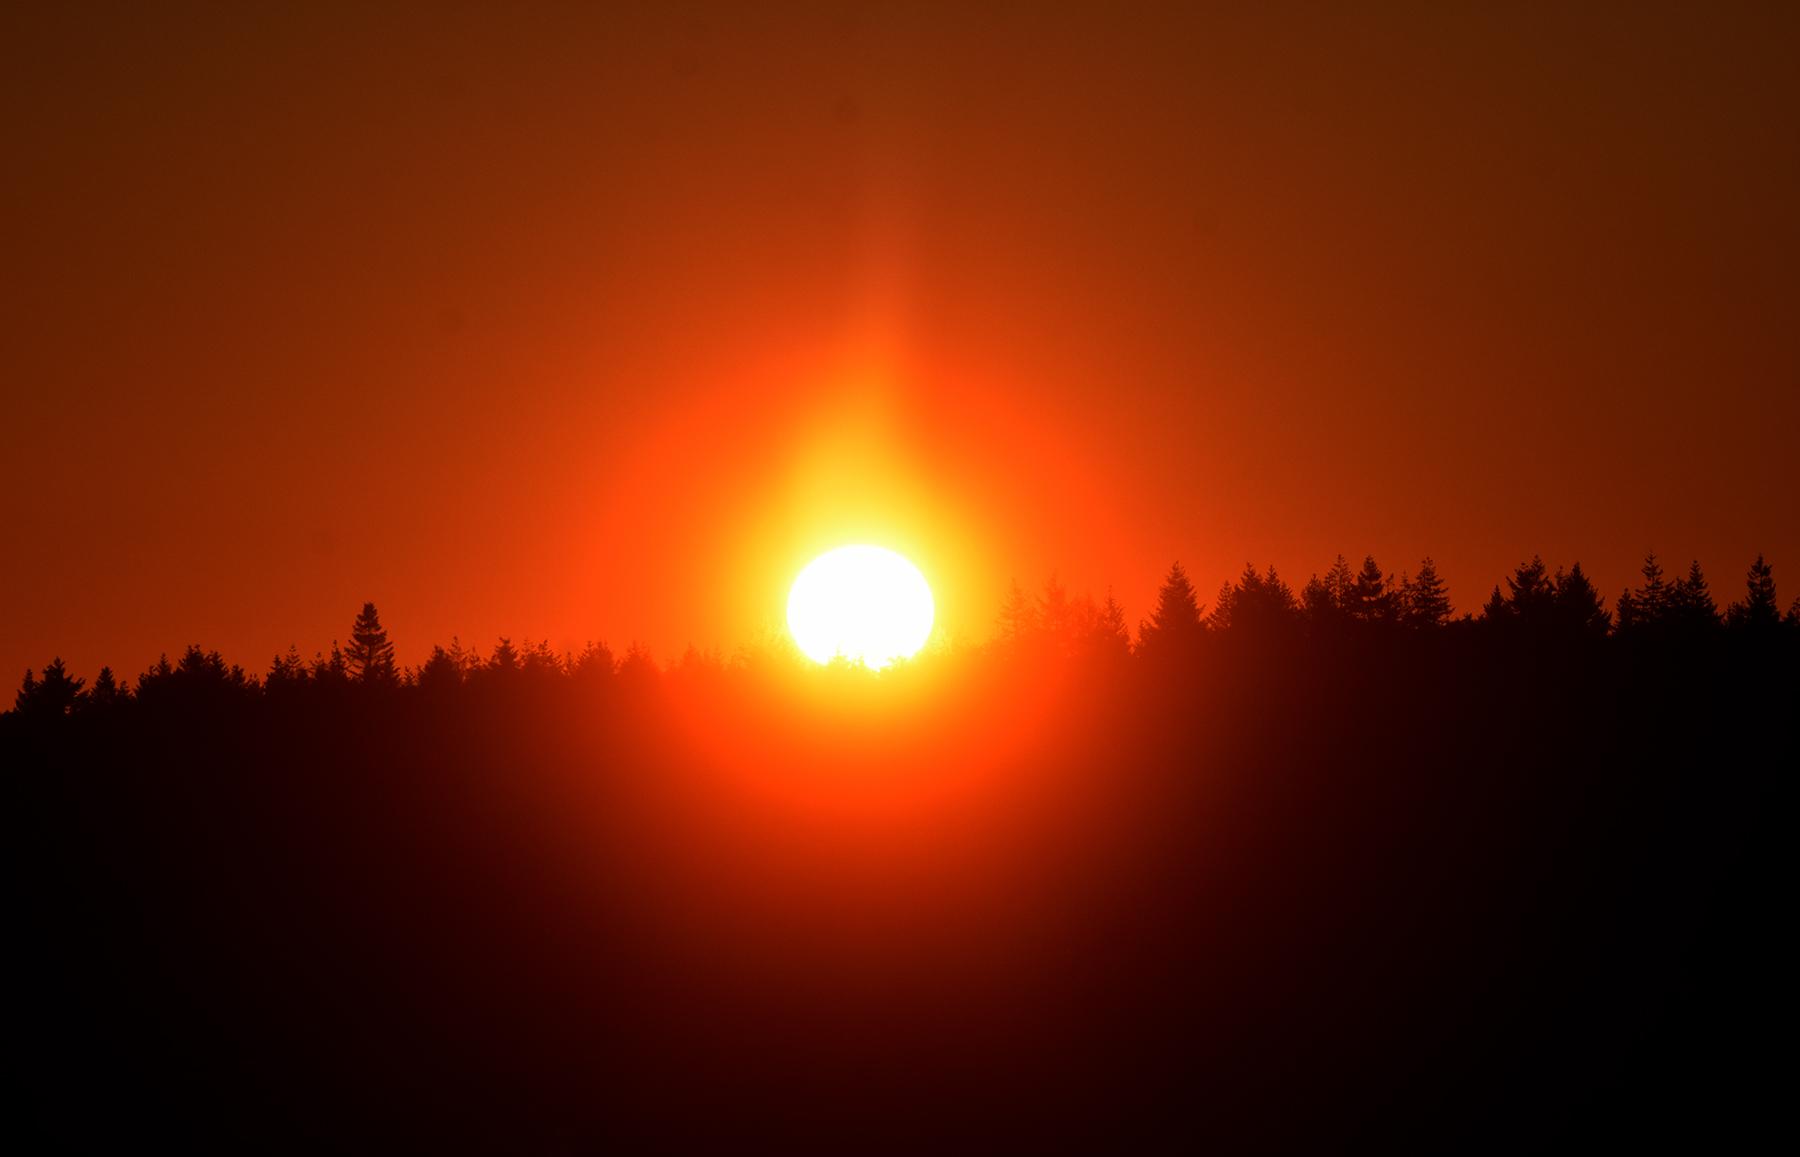 Om 06.00 uur verscheen de morgenzon in al haar glorie boven de bossen van de Veluwe - Foto: ©Louis Fraanje .